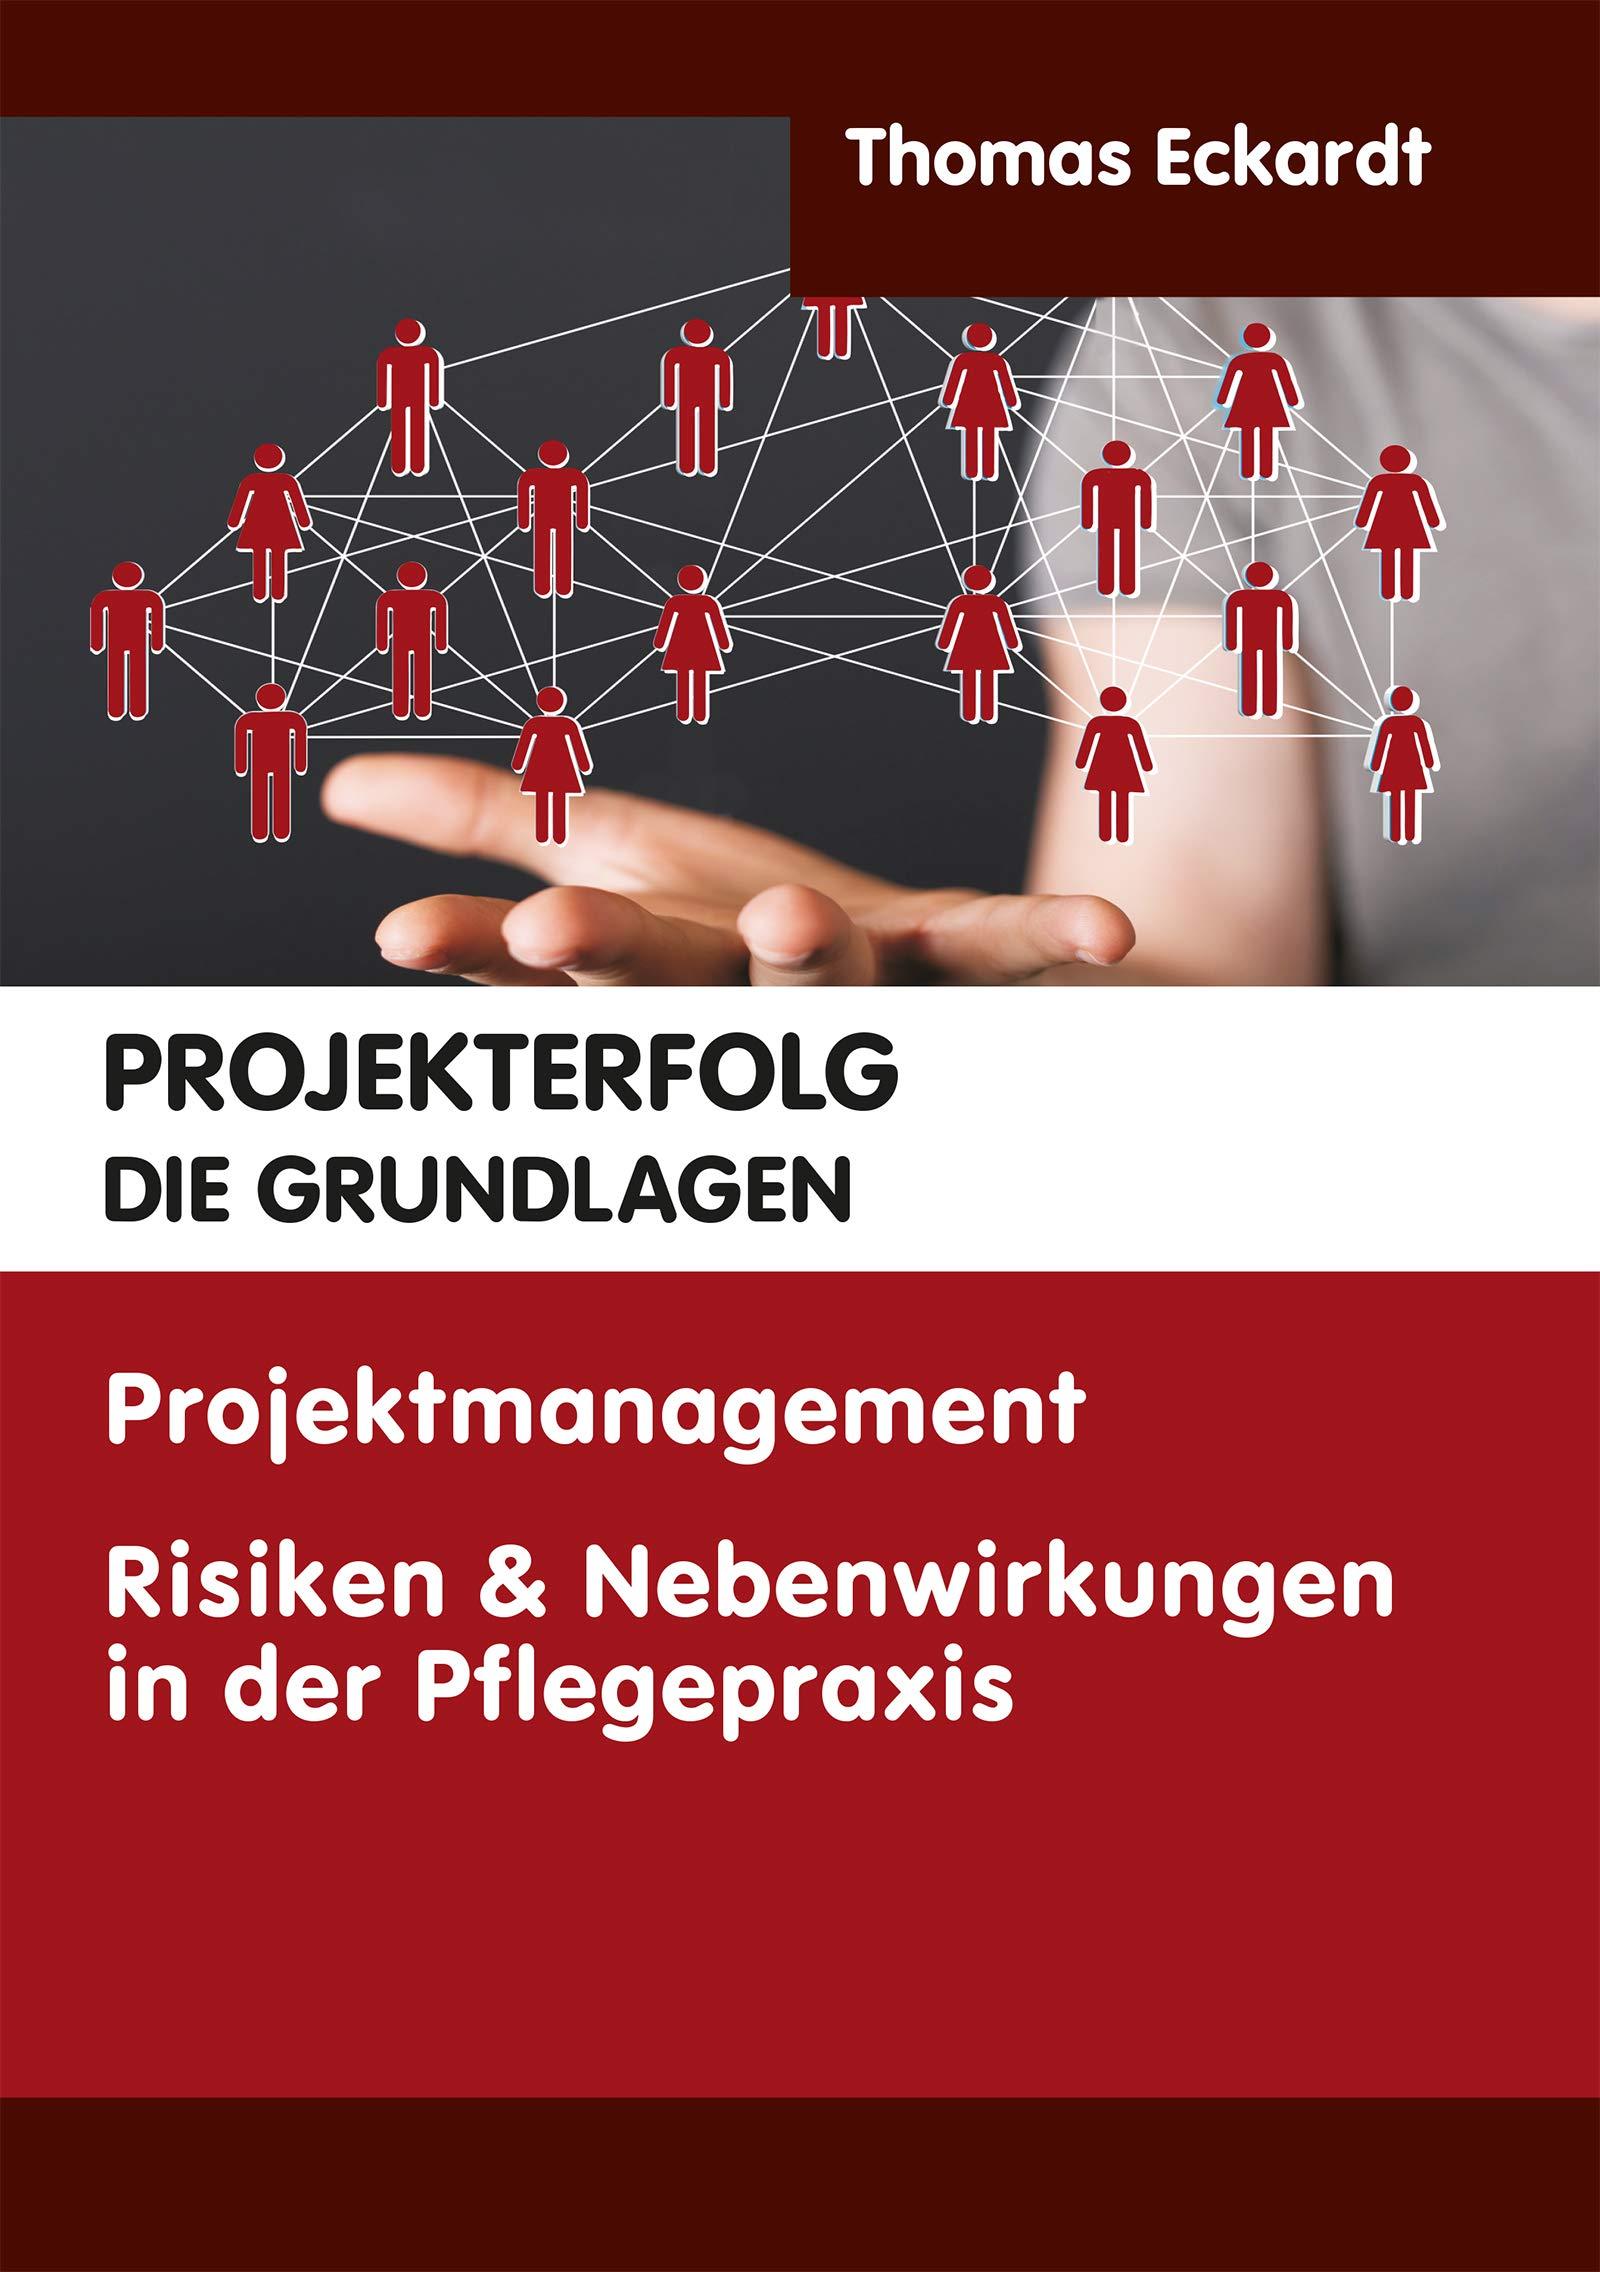 PROJEKTERFOLG DIE GRUNDLAGEN: Projektmanagement Risiken & Nebenwirkungen in der Plegepraxis (German Edition)